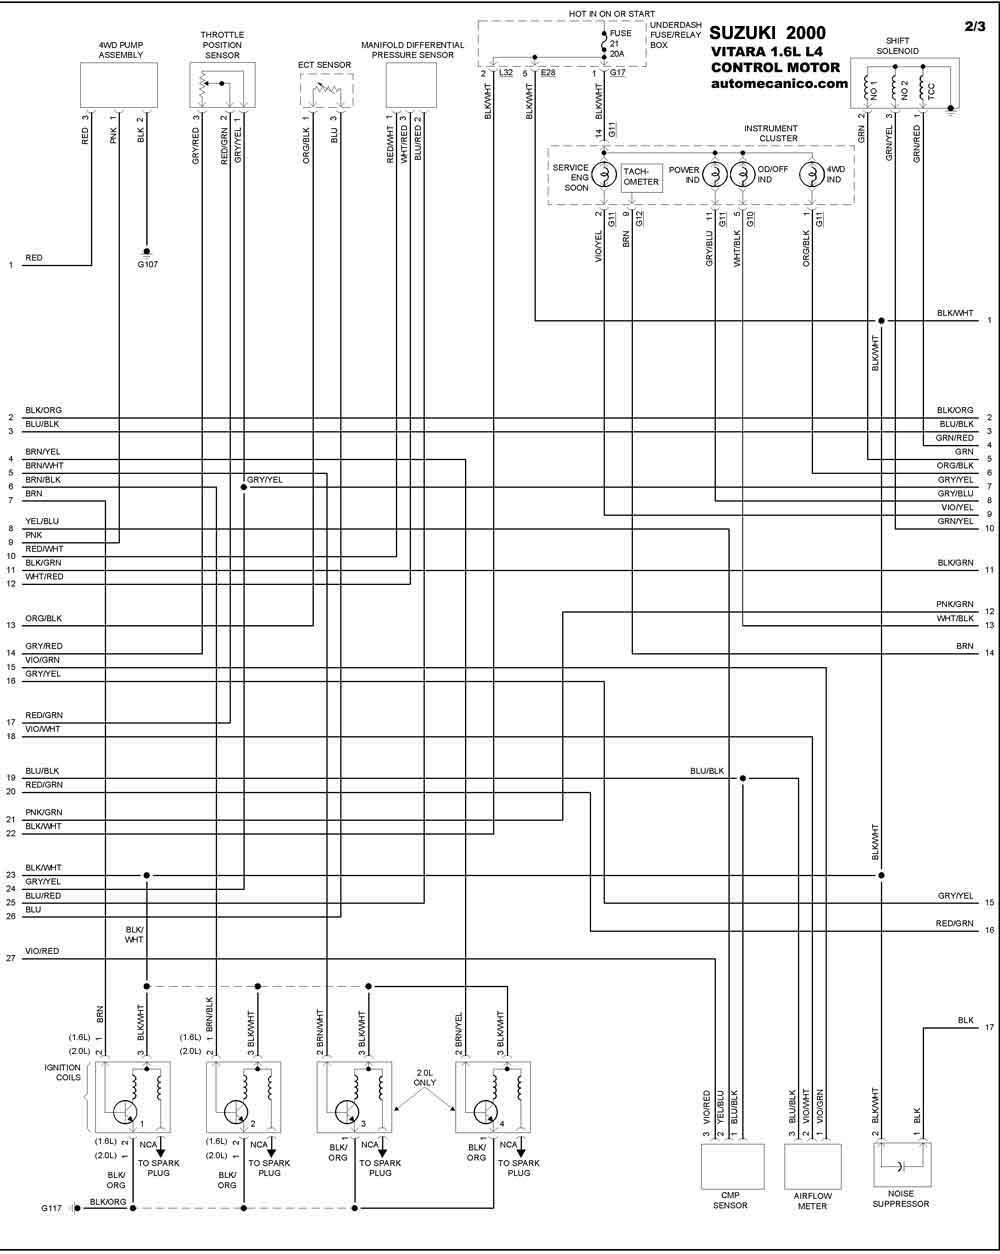 suzuki 2000 - diagramas control del motor - graphics - esquemas